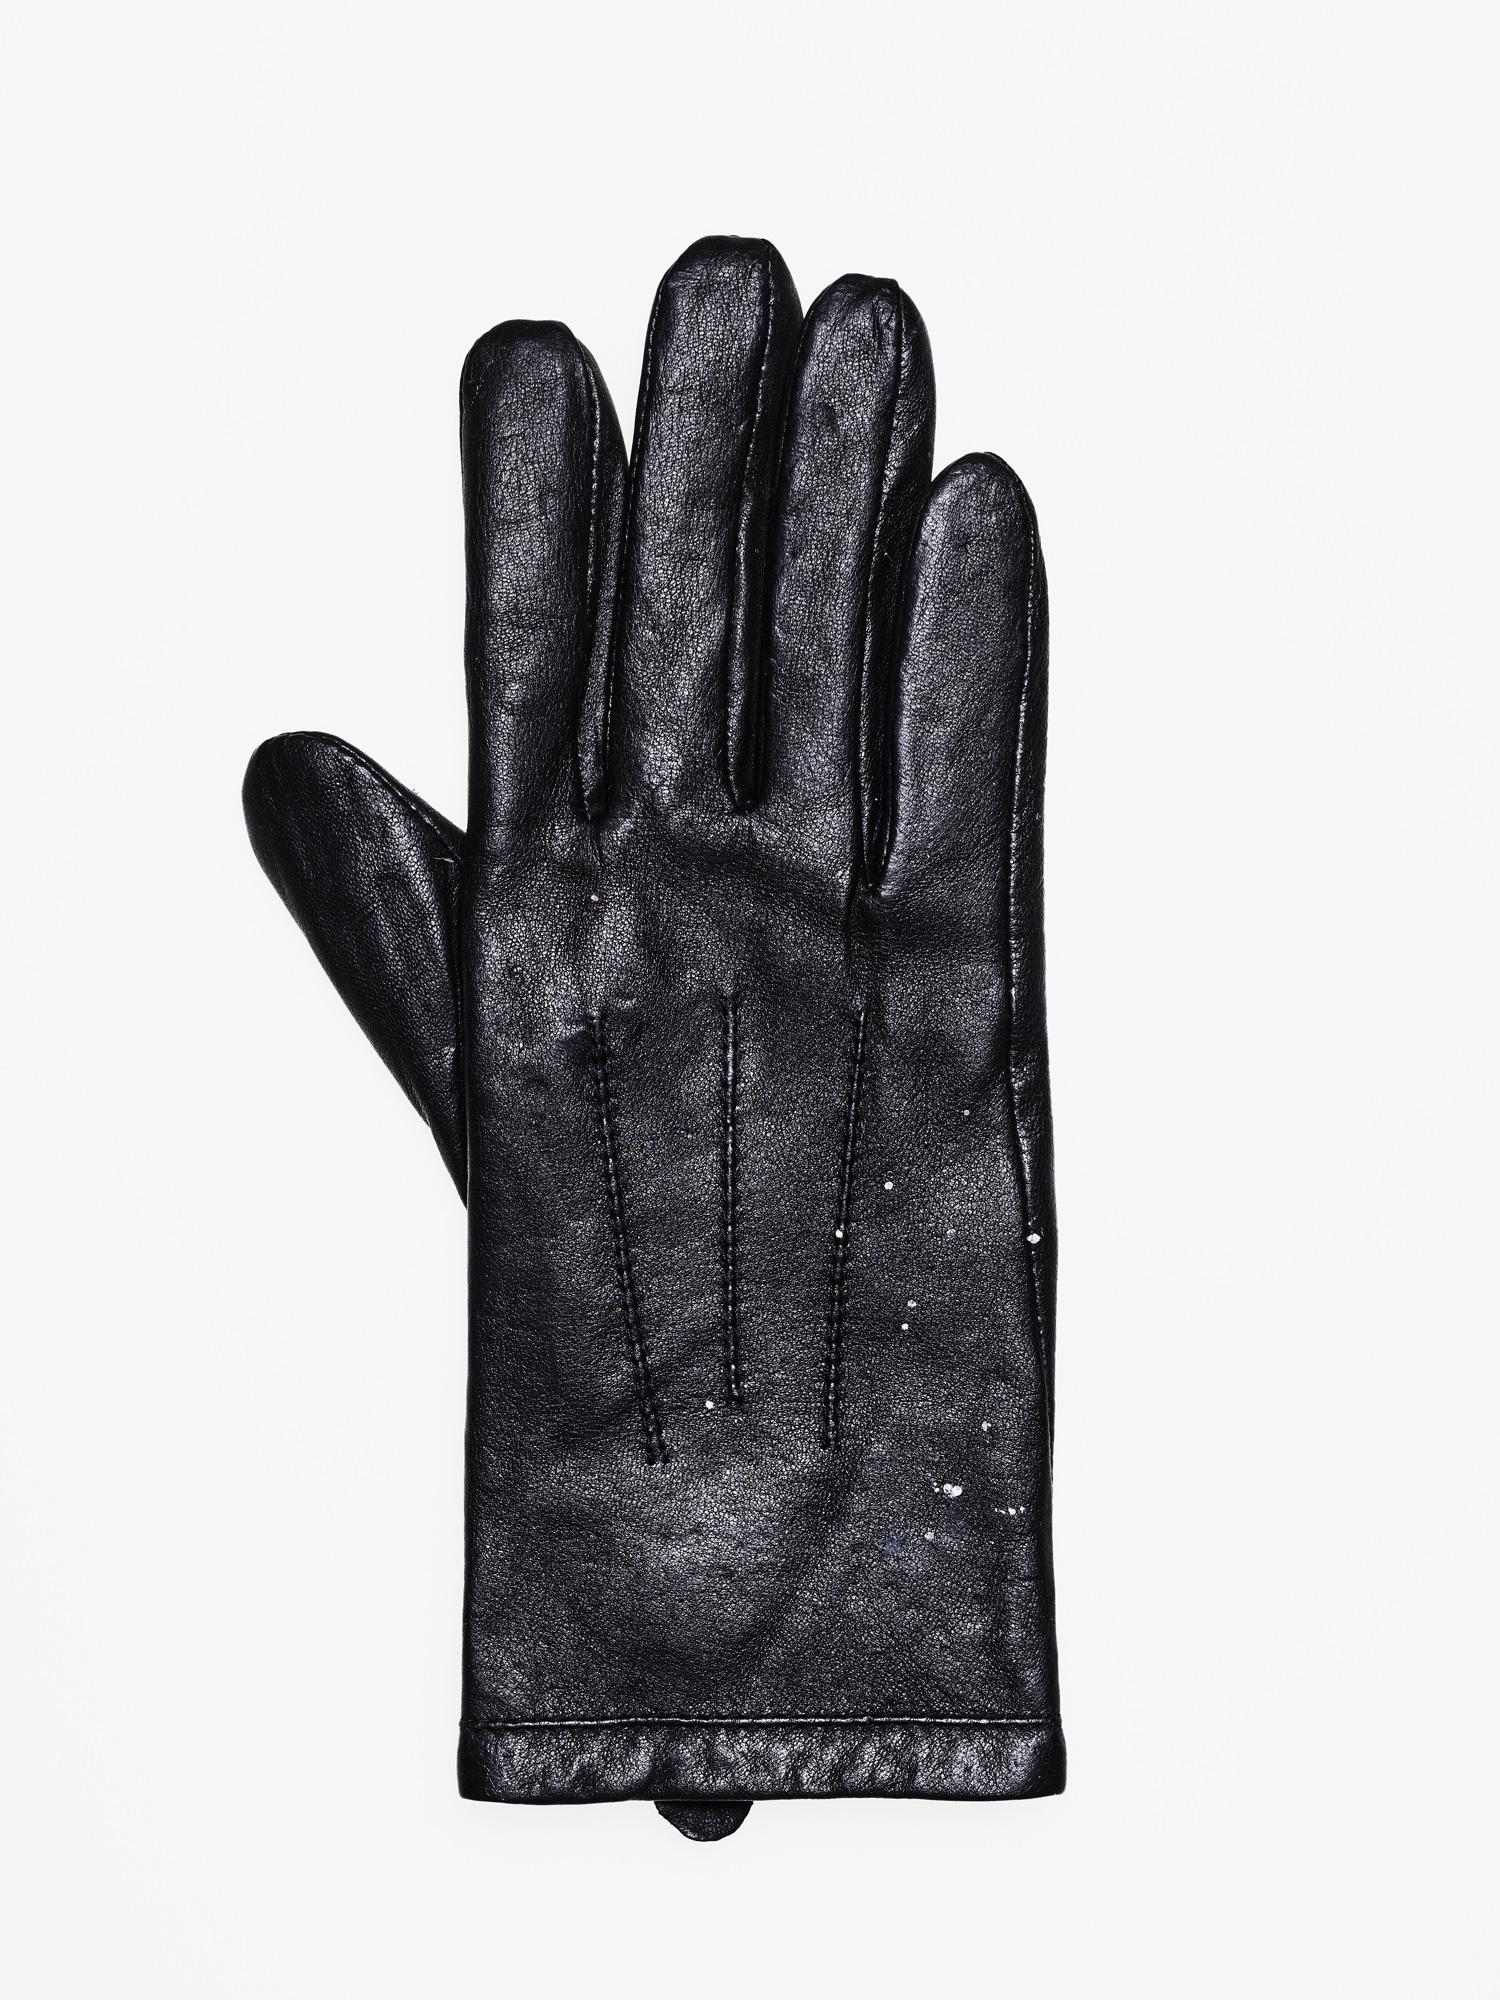 20161020 Found Gloves-90617.jpg